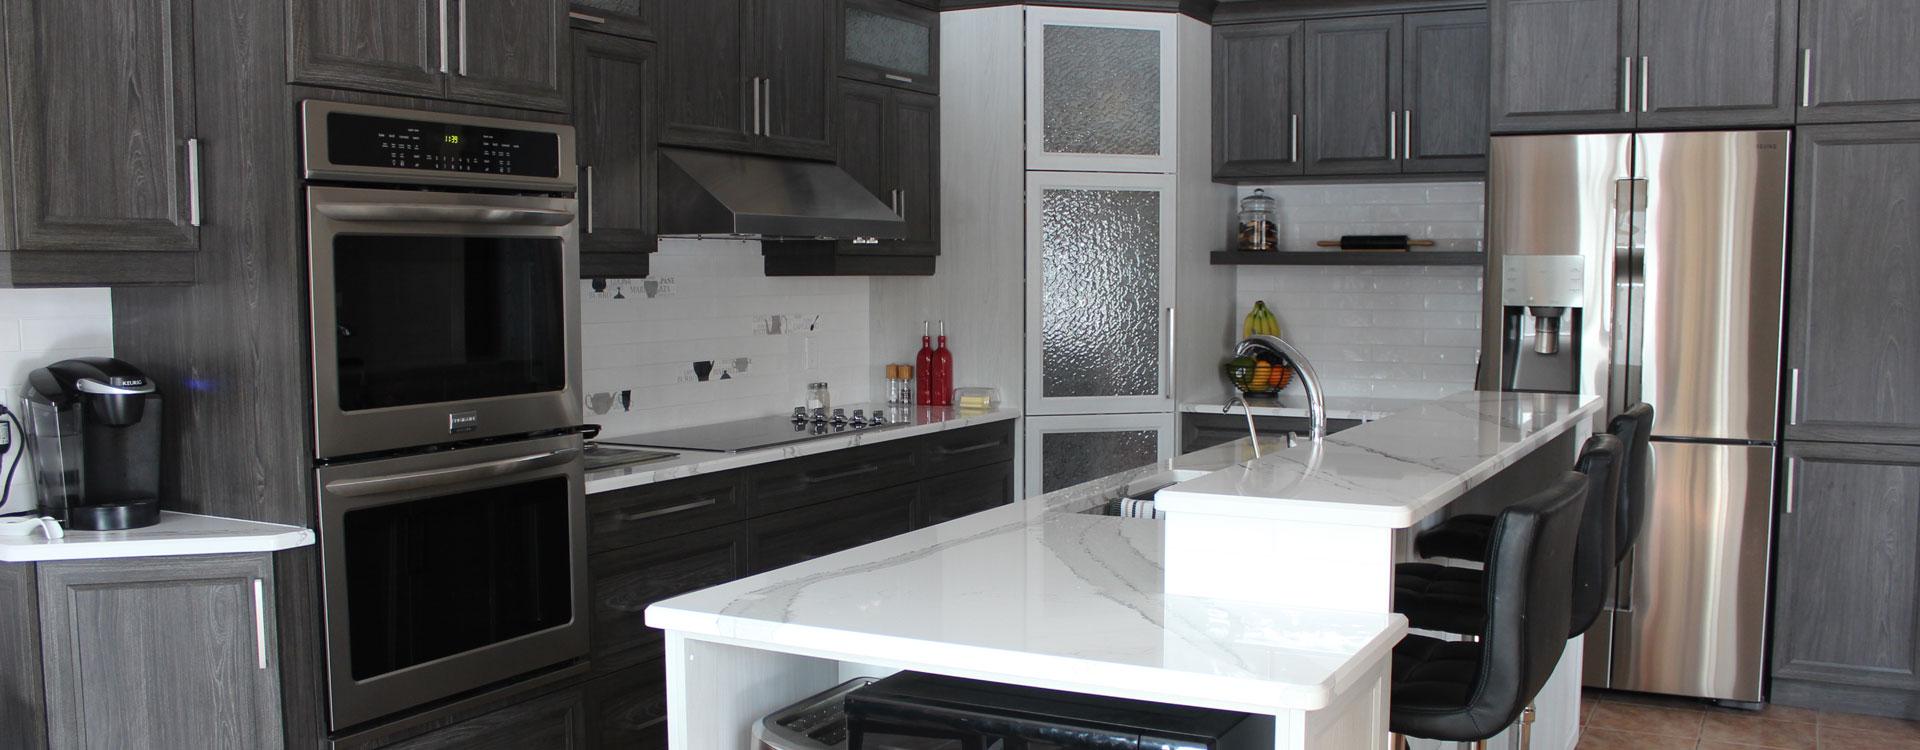 Hawthorne Kitchens - Service Request